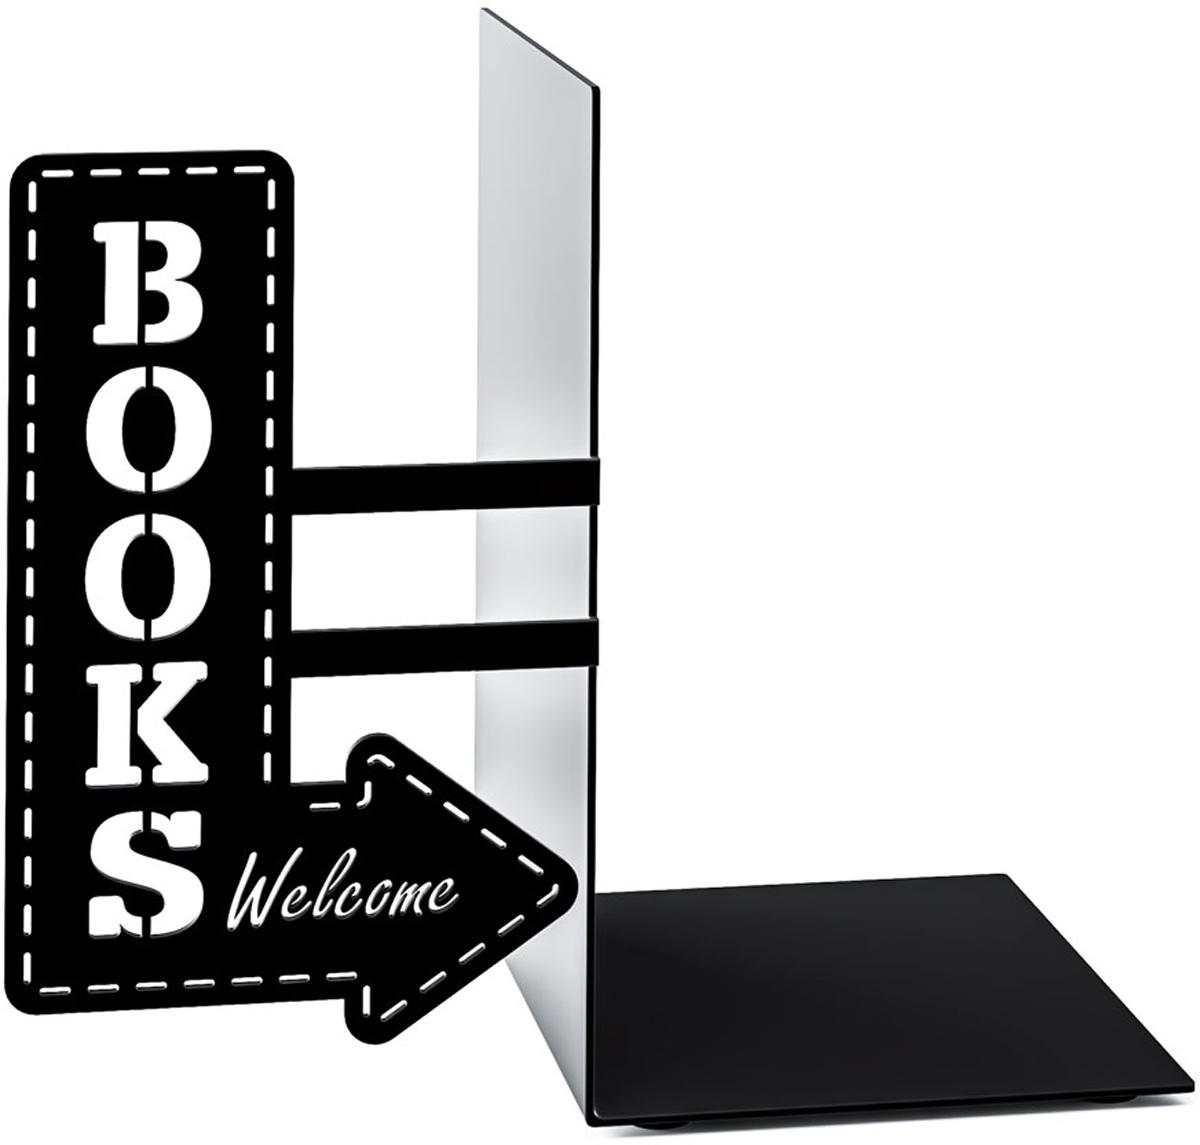 Держатель для книг Balvi BookShop, цвет: черный26531Великолепным подарком для любого книголюба станет держатель для книг BookShop. Если обычные полки кажутся безликими и неинтересными, тогда стоит обратить внимание на аксессуары из коллекции испанского бренда Balvi. Основным элементом декора является стилизованная стрелка с надписью Book, указывающая на место хранения. Основная цветовая гамма напоминает стиль разнообразных вывесок 20-30-х годов. Такое оформление подходит для хорошей литературы.- Необычный внешний вид, подчеркивающий ценность хороших книг.- Прочная металлическая конструкция, выдерживающая вес нескольких фолиантов.- Удобный держатель и простой способ эксплуатации.